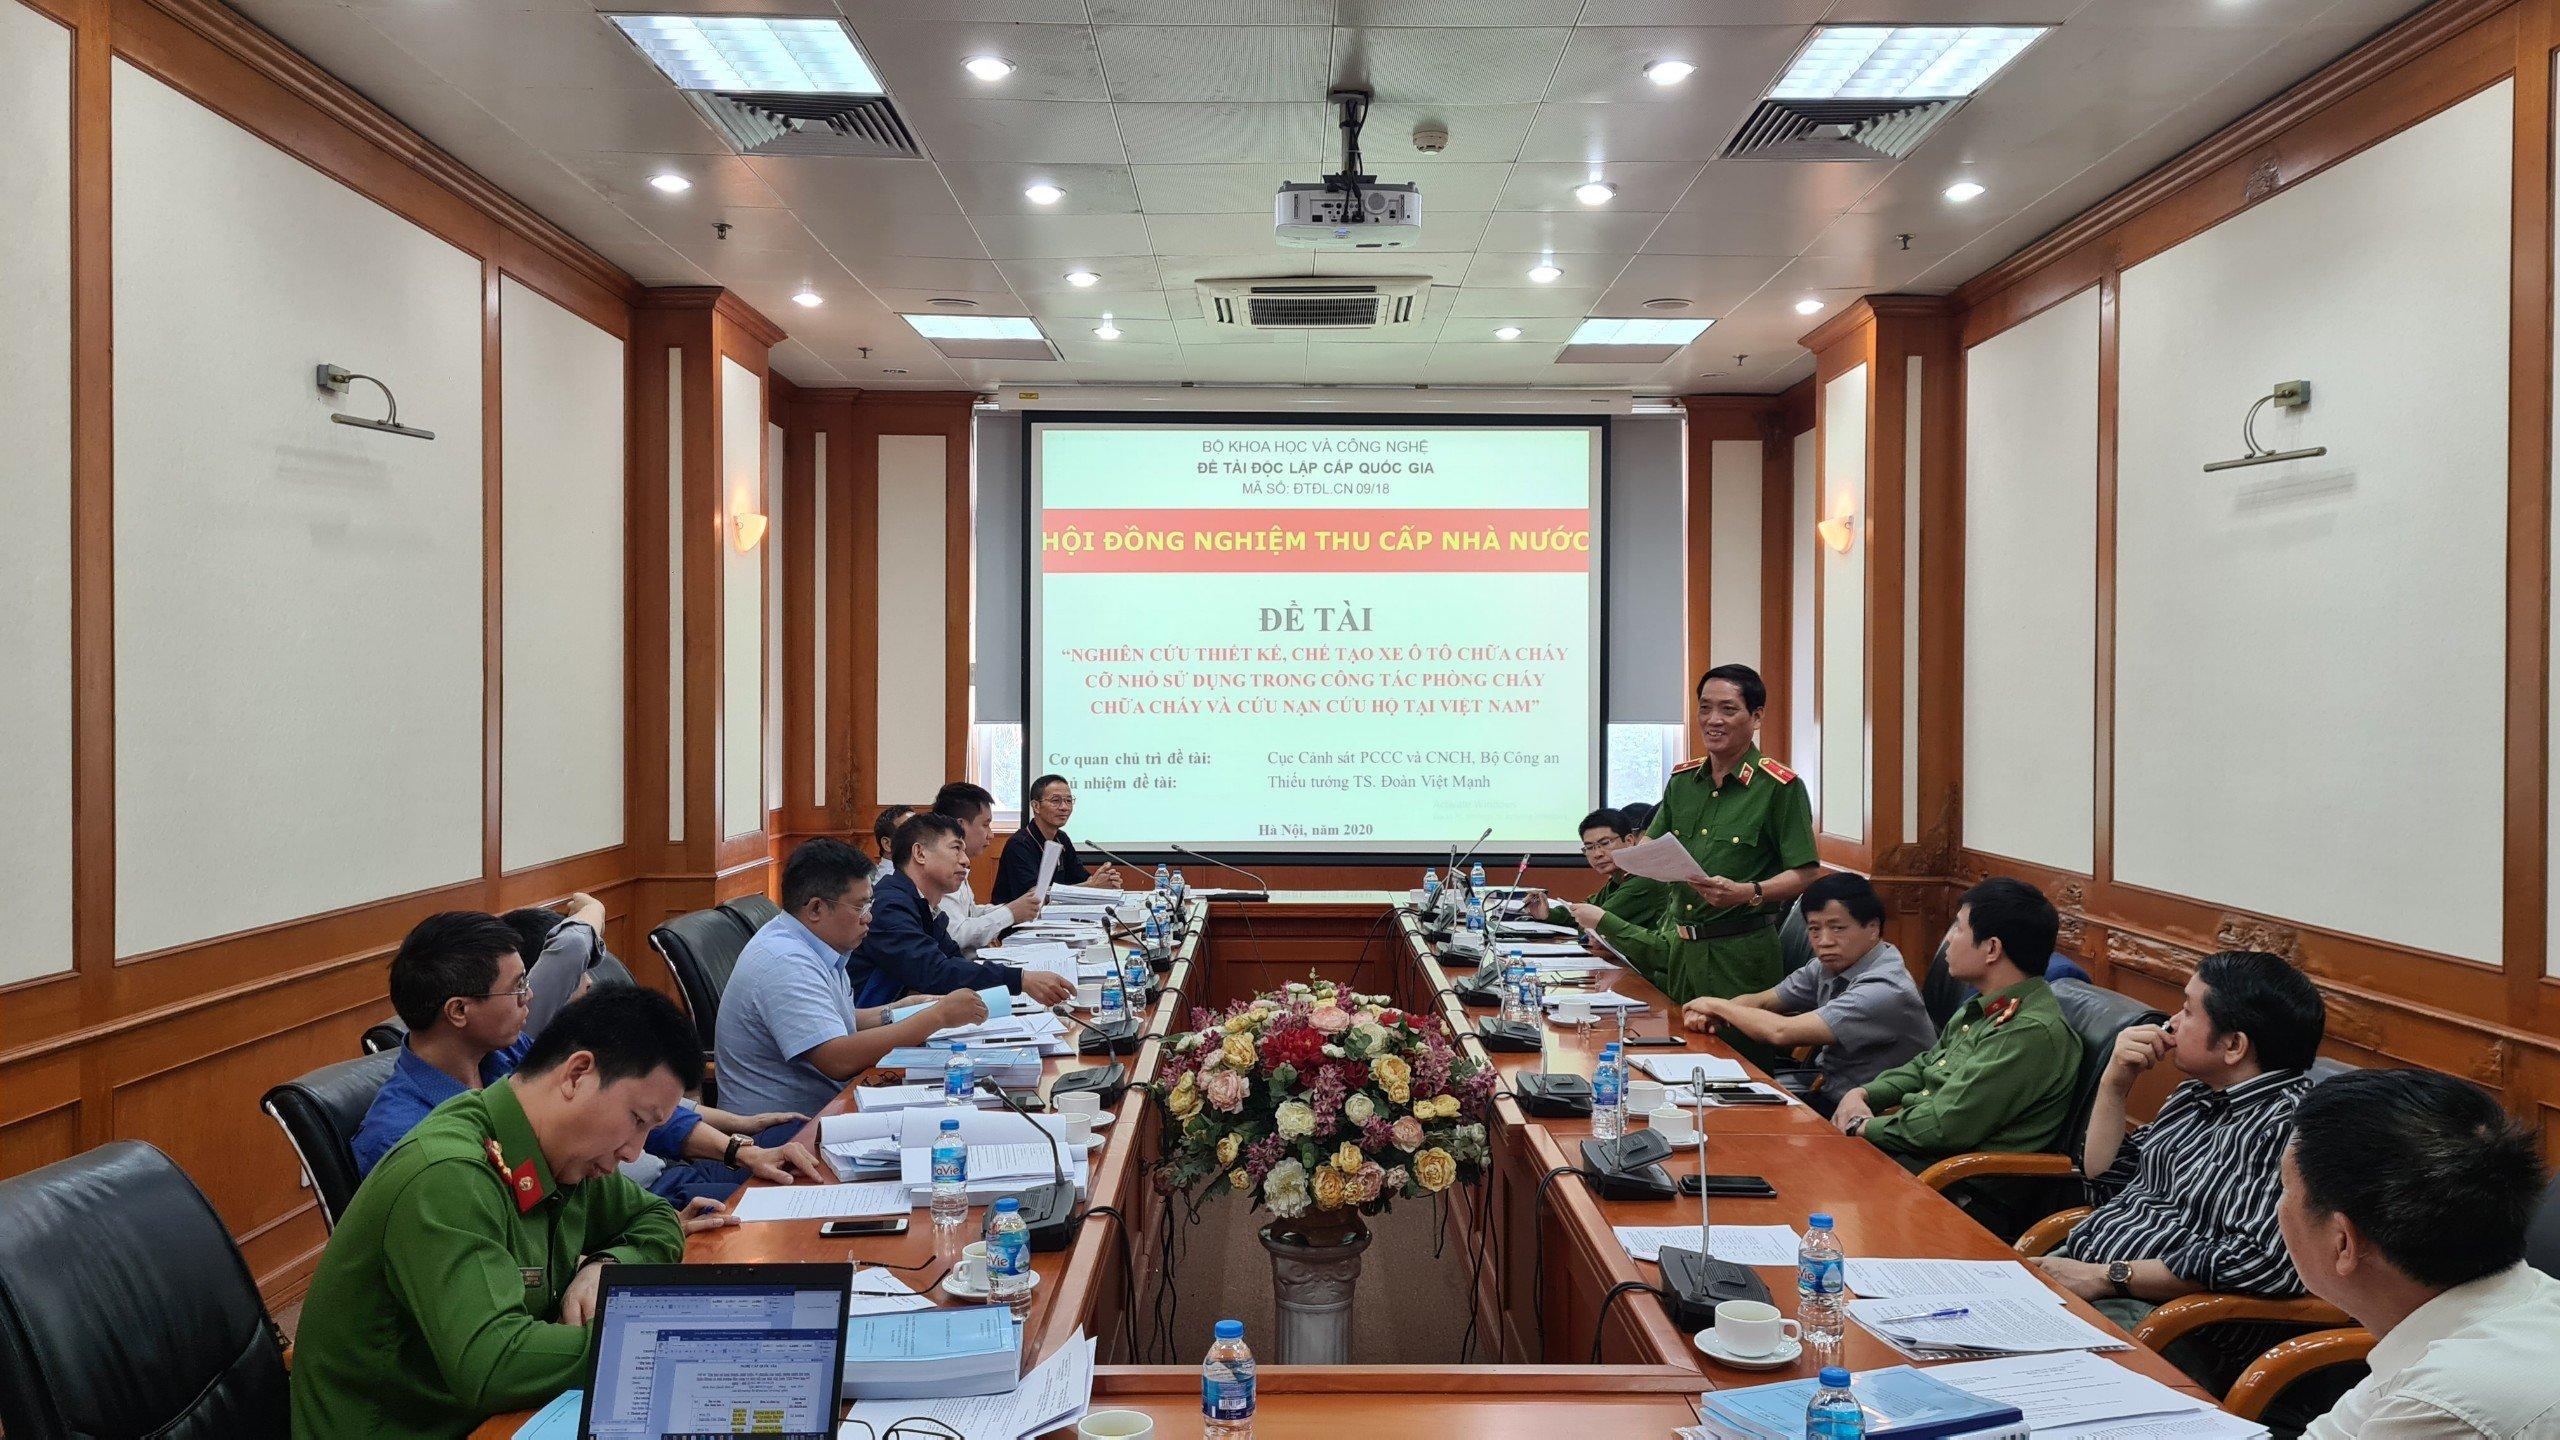 """Nghiệm thu Đề tài Khoa học cấp Nhà nước """"Nghiên cứu thiết kế, chế tạo xe ô tô chữa cháy cỡ nhỏ  sử dụng trong công tác PCCC&CNCH tại Việt Nam"""""""